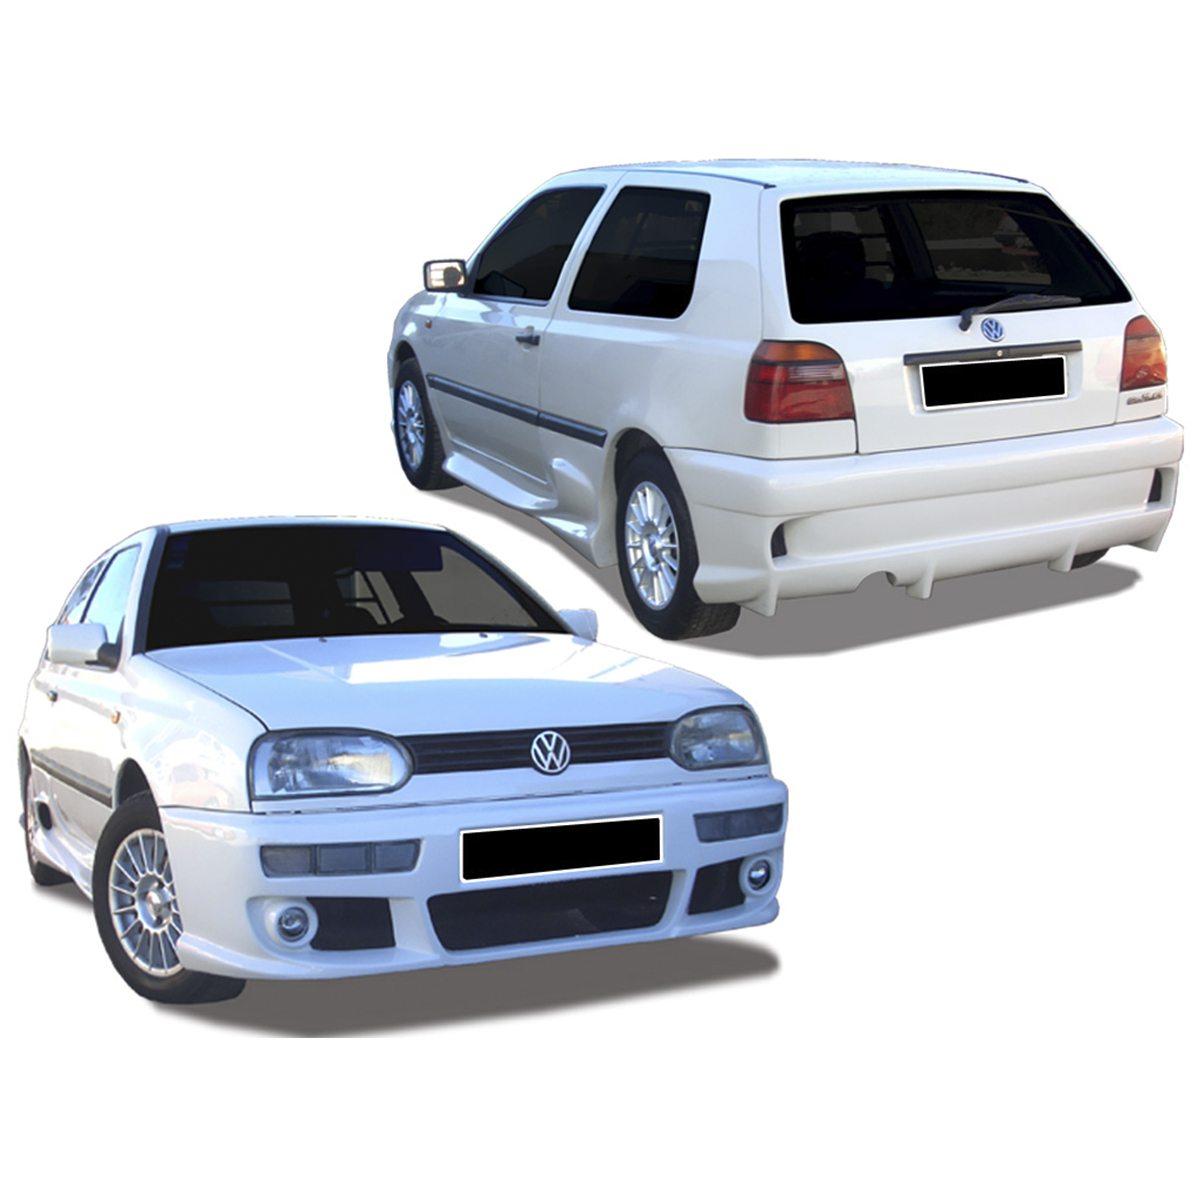 VW-Golf-III-Magneto-KIT-QTU030